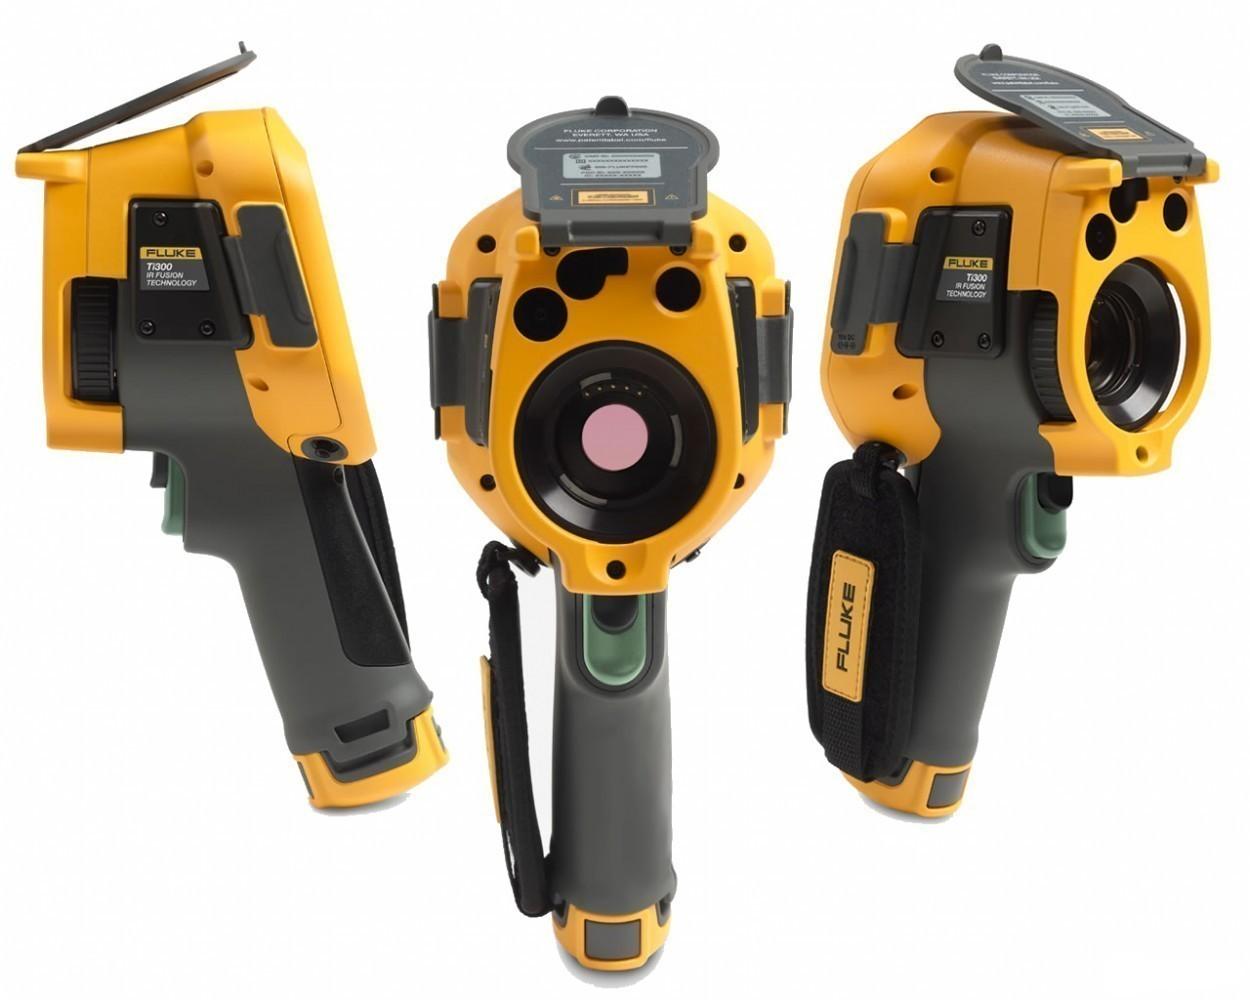 Fluke Ti300 — тепловизор с системой автофокусировки LaserSharp и беспроводным подключением